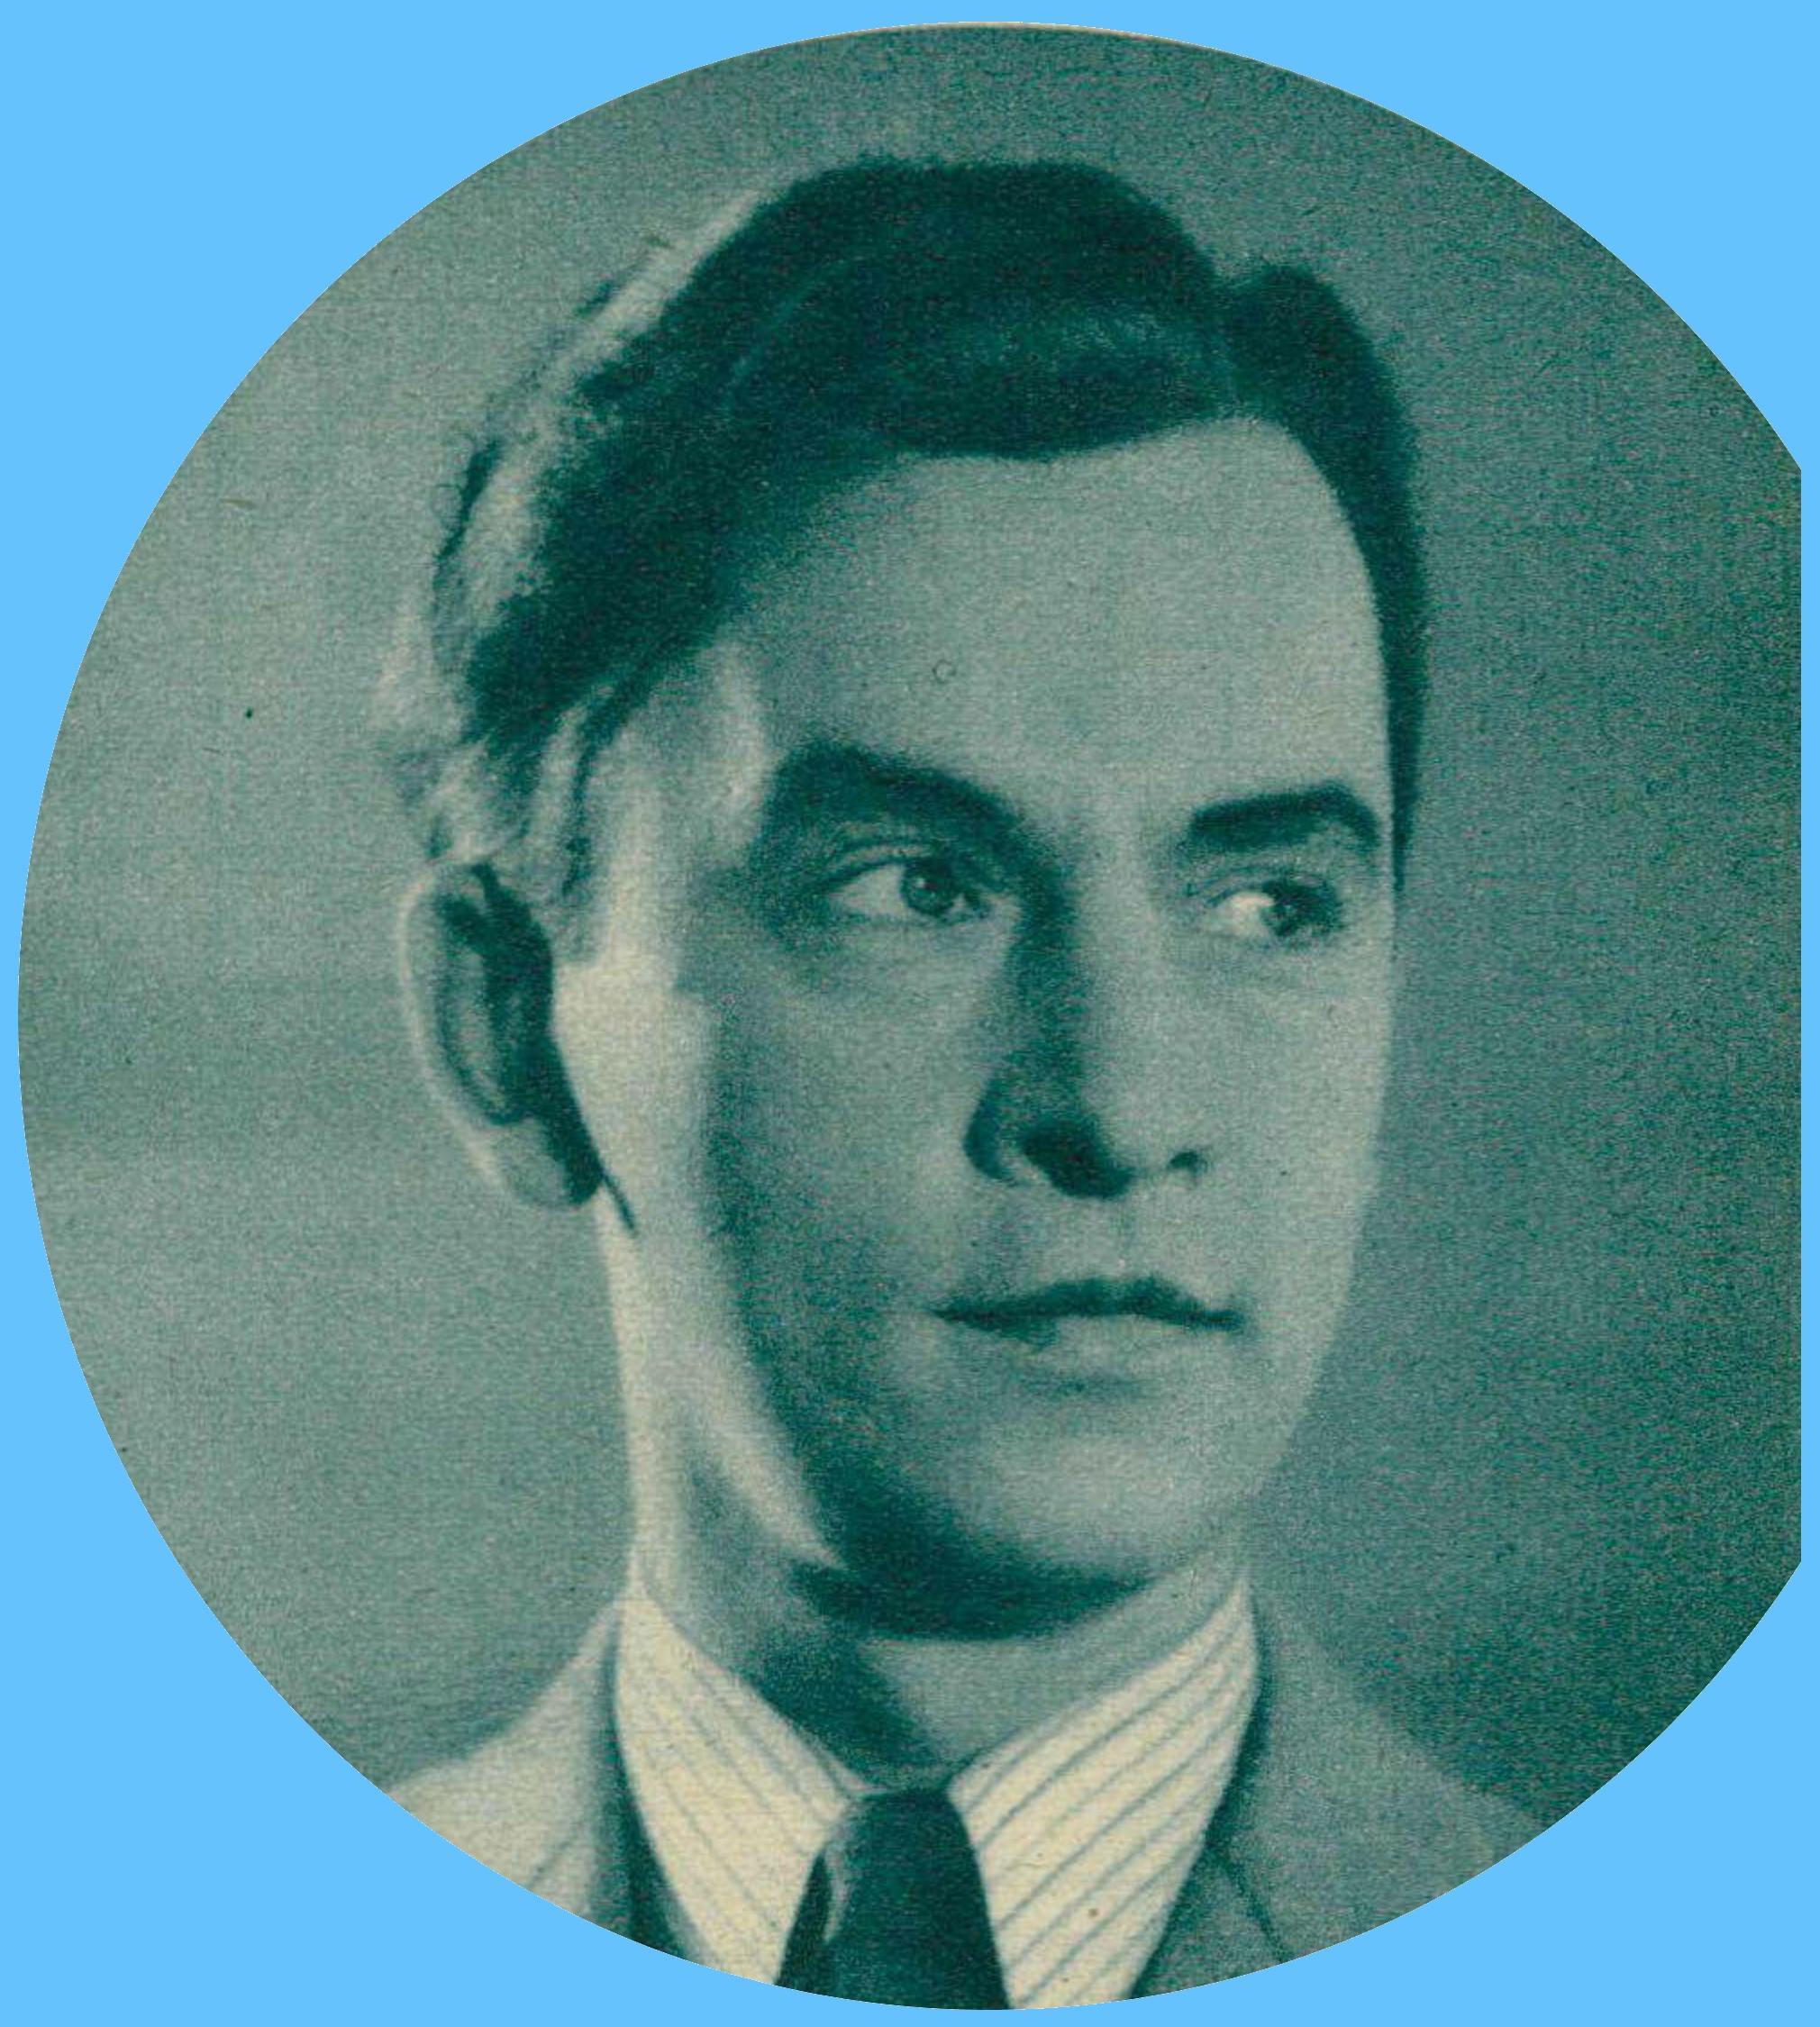 Zbyslaw (Byslaw) WOZNIAK, un portrait publié entre autres dans la revue La Radio du 1er mars 1940, No 882, page 233